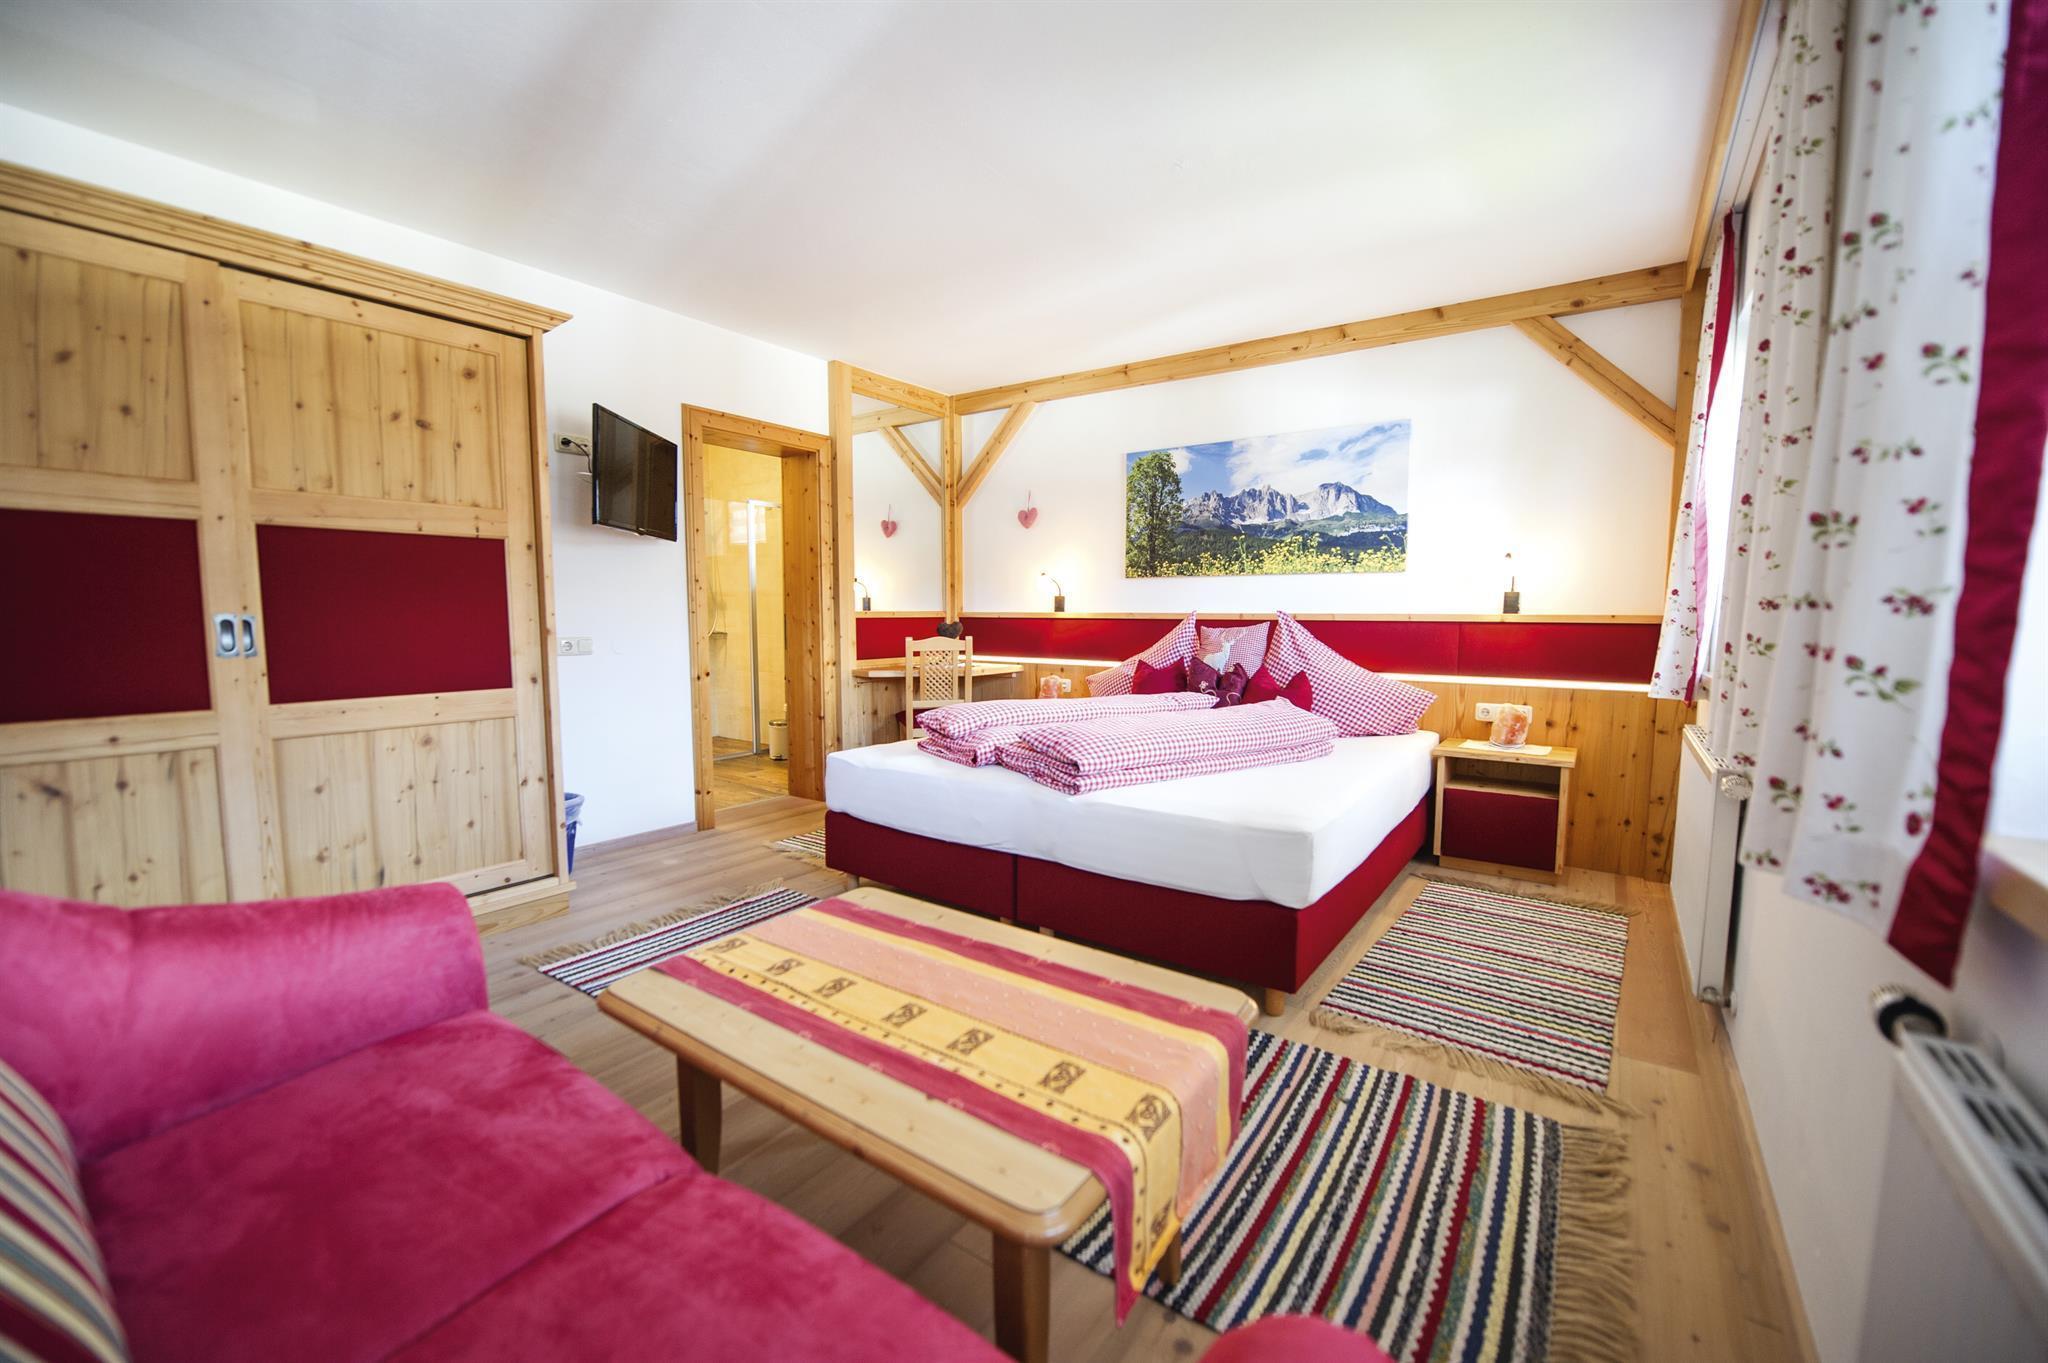 Maison de vacances Bichler's Ferienhaus Ferienhaus/2 Schlafräume/Bad, WC (2616276), Going am Wilden Kaiser, Wilder Kaiser, Tyrol, Autriche, image 32